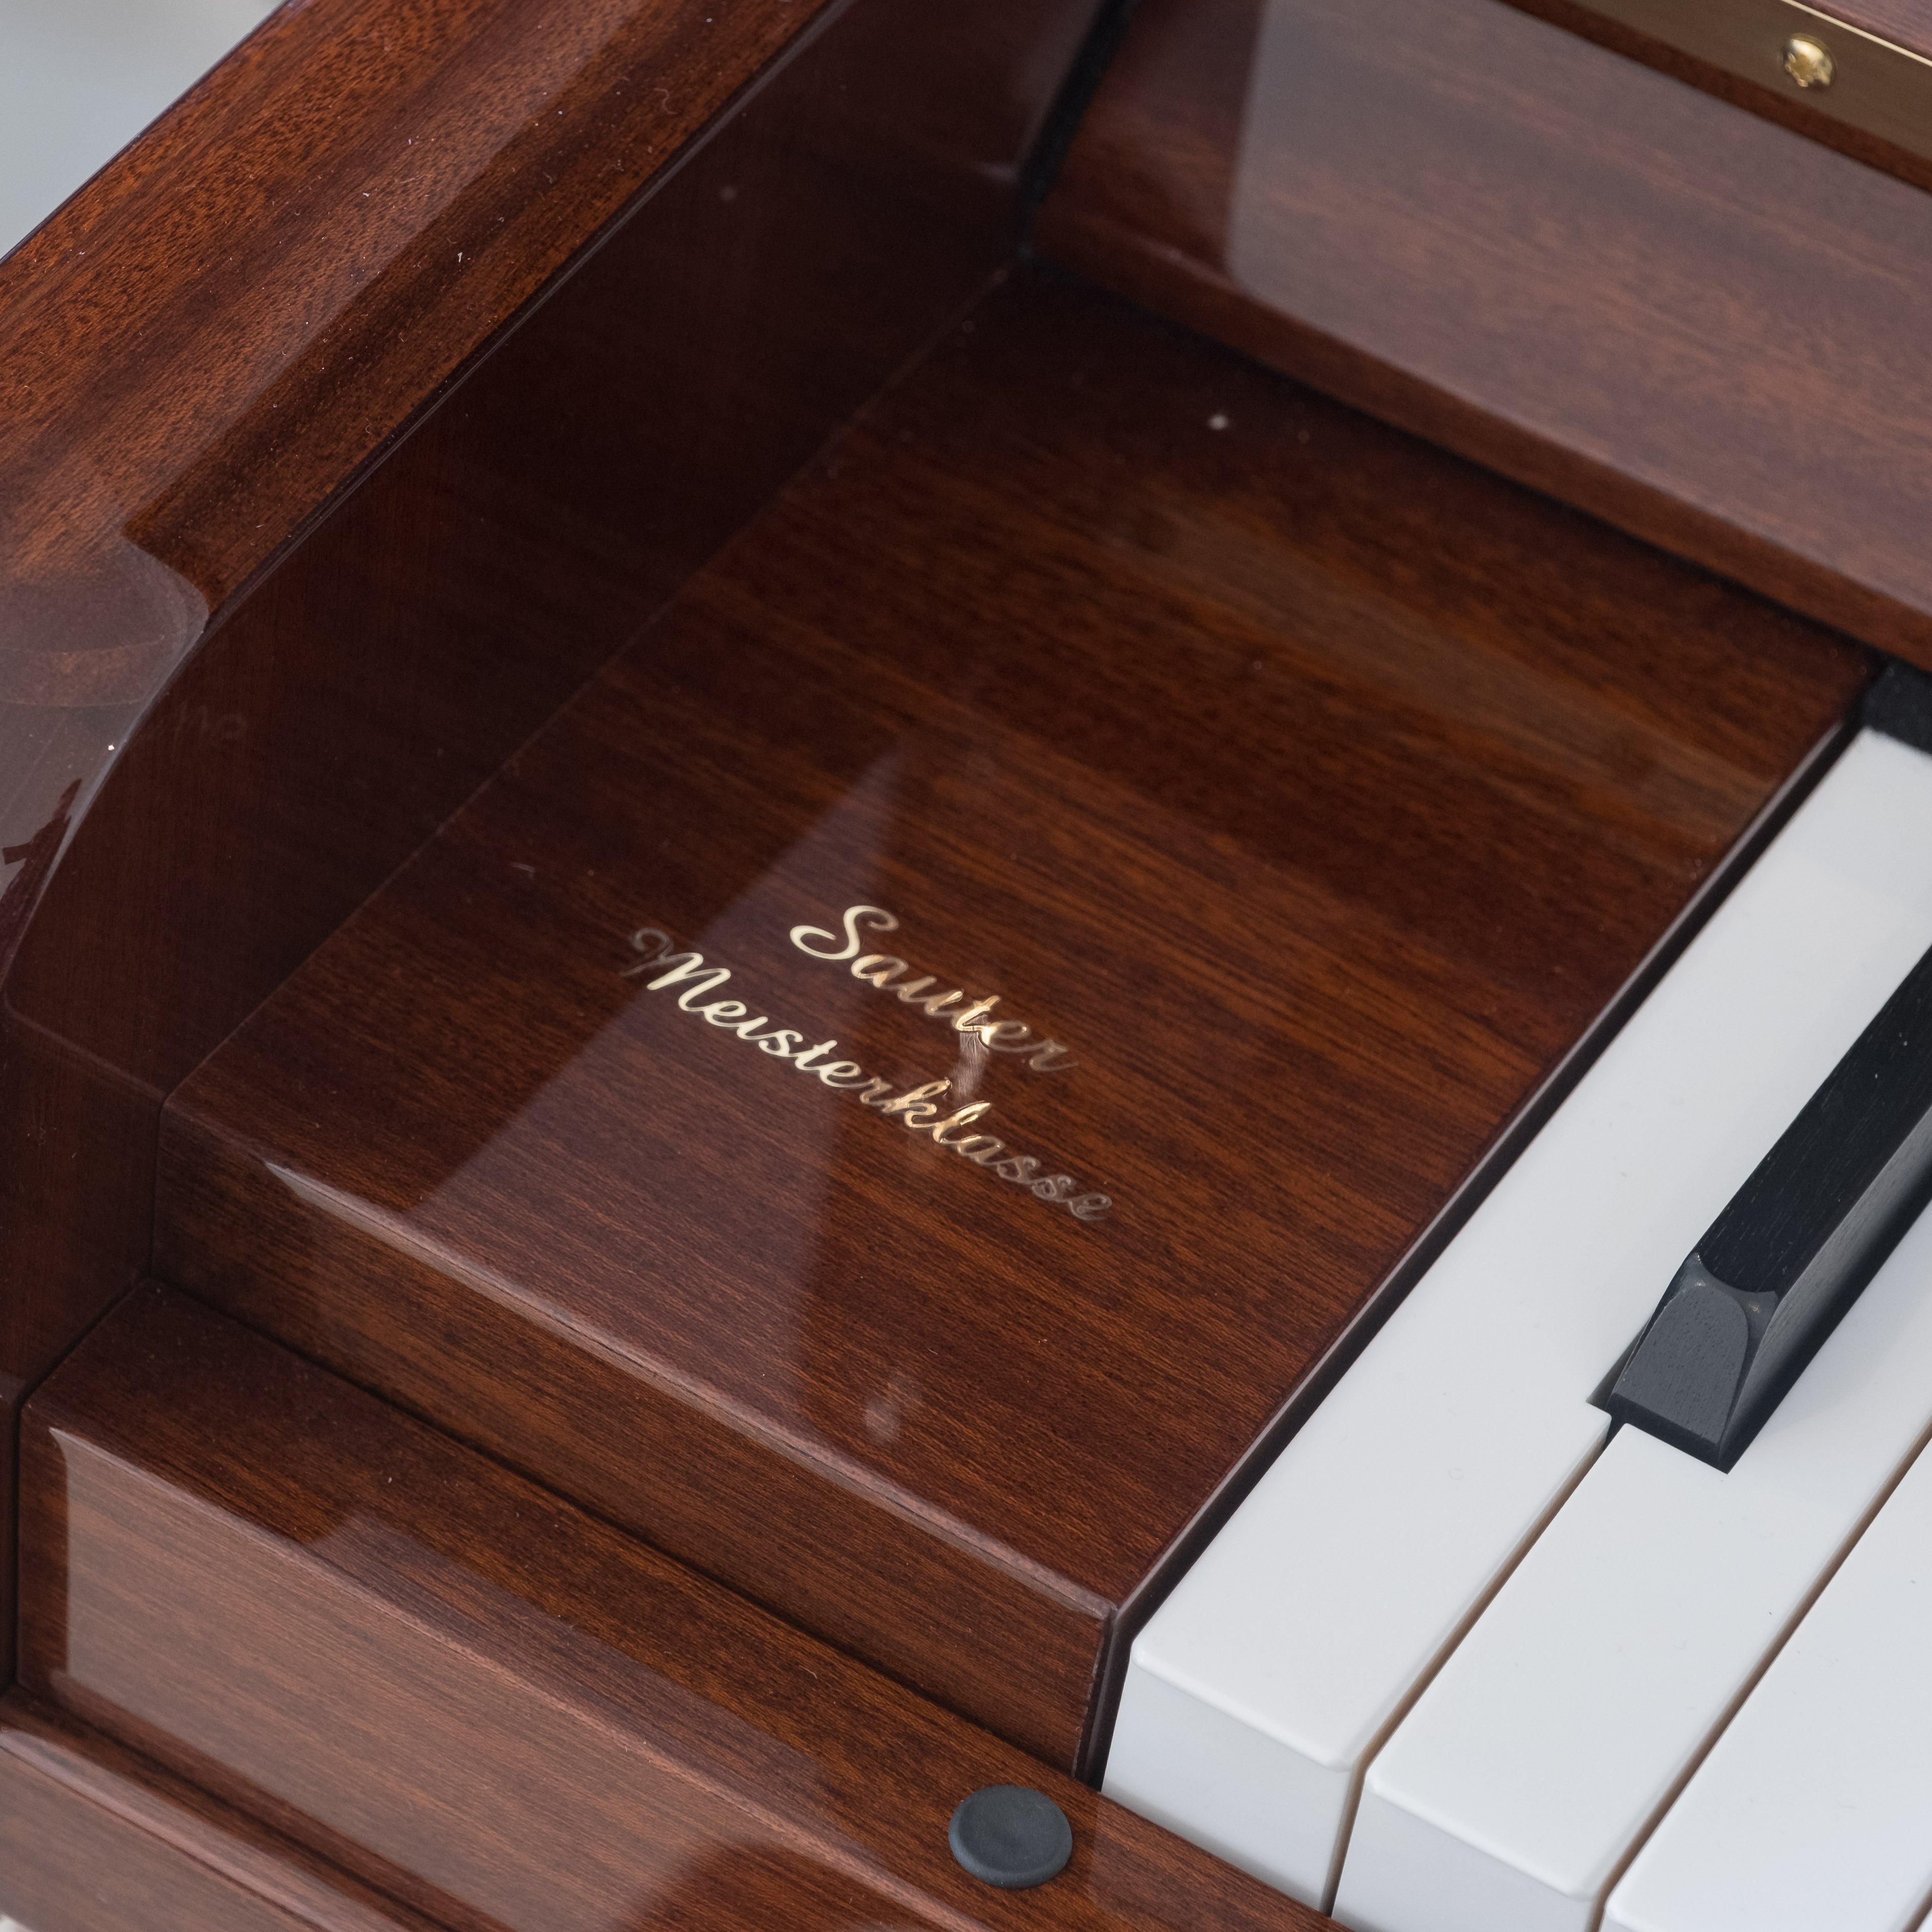 Sauter 130 mahogany 12221 DSCF1481